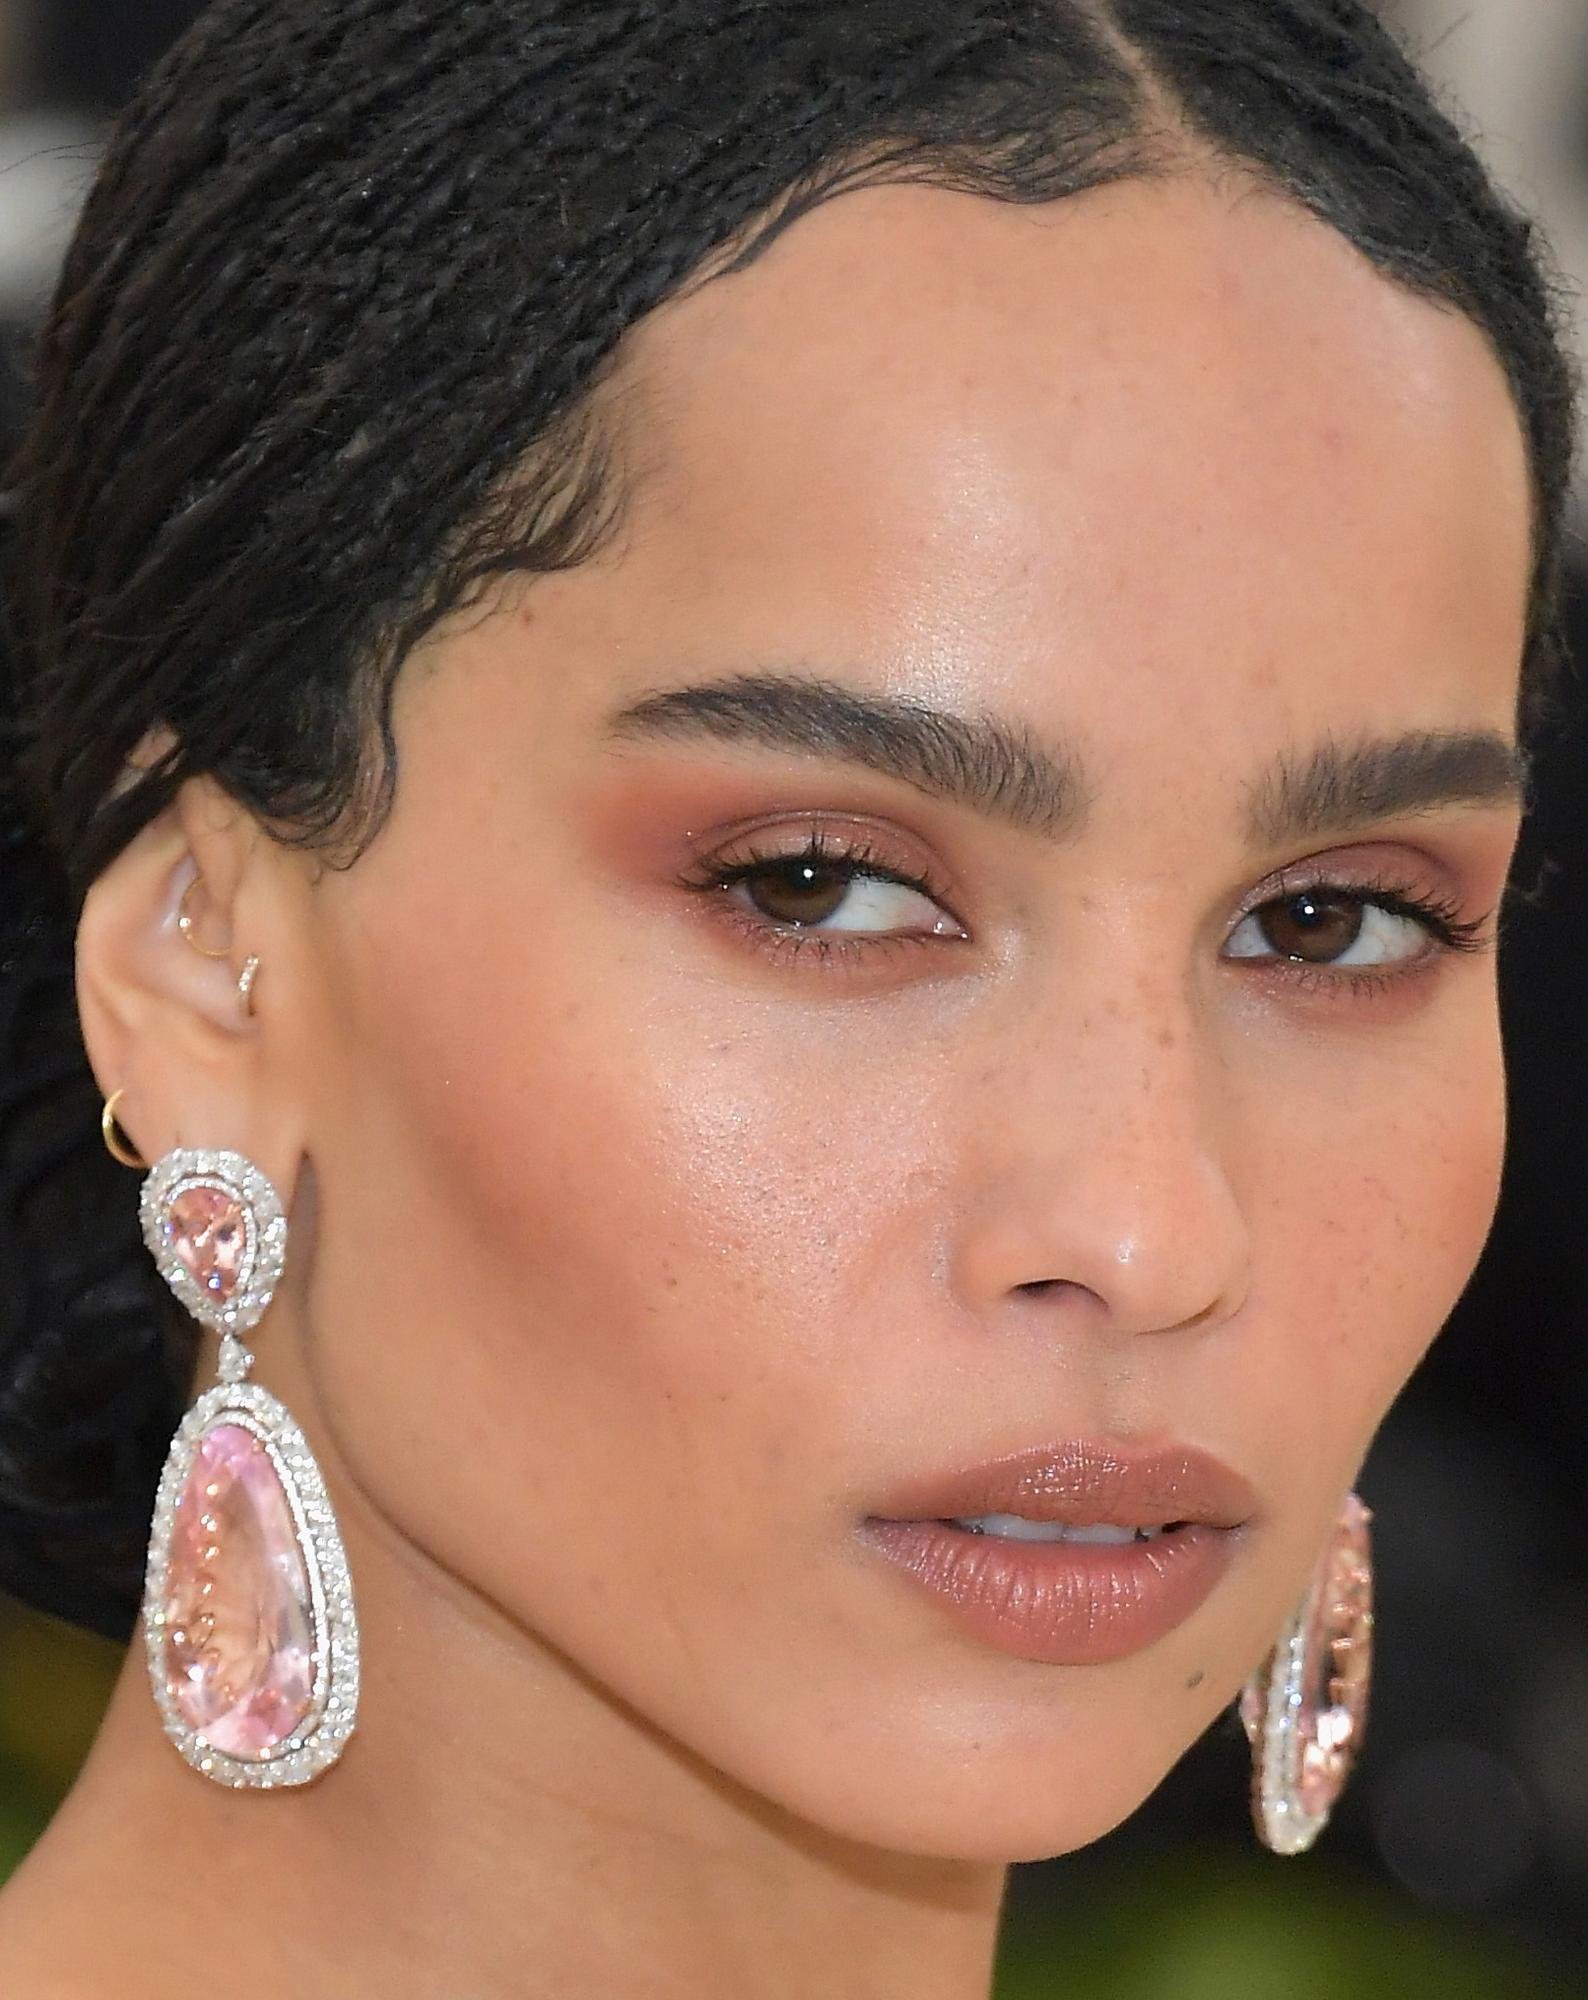 Pin by angel on jewellery in 2020 Makeup, Zoe kravitz